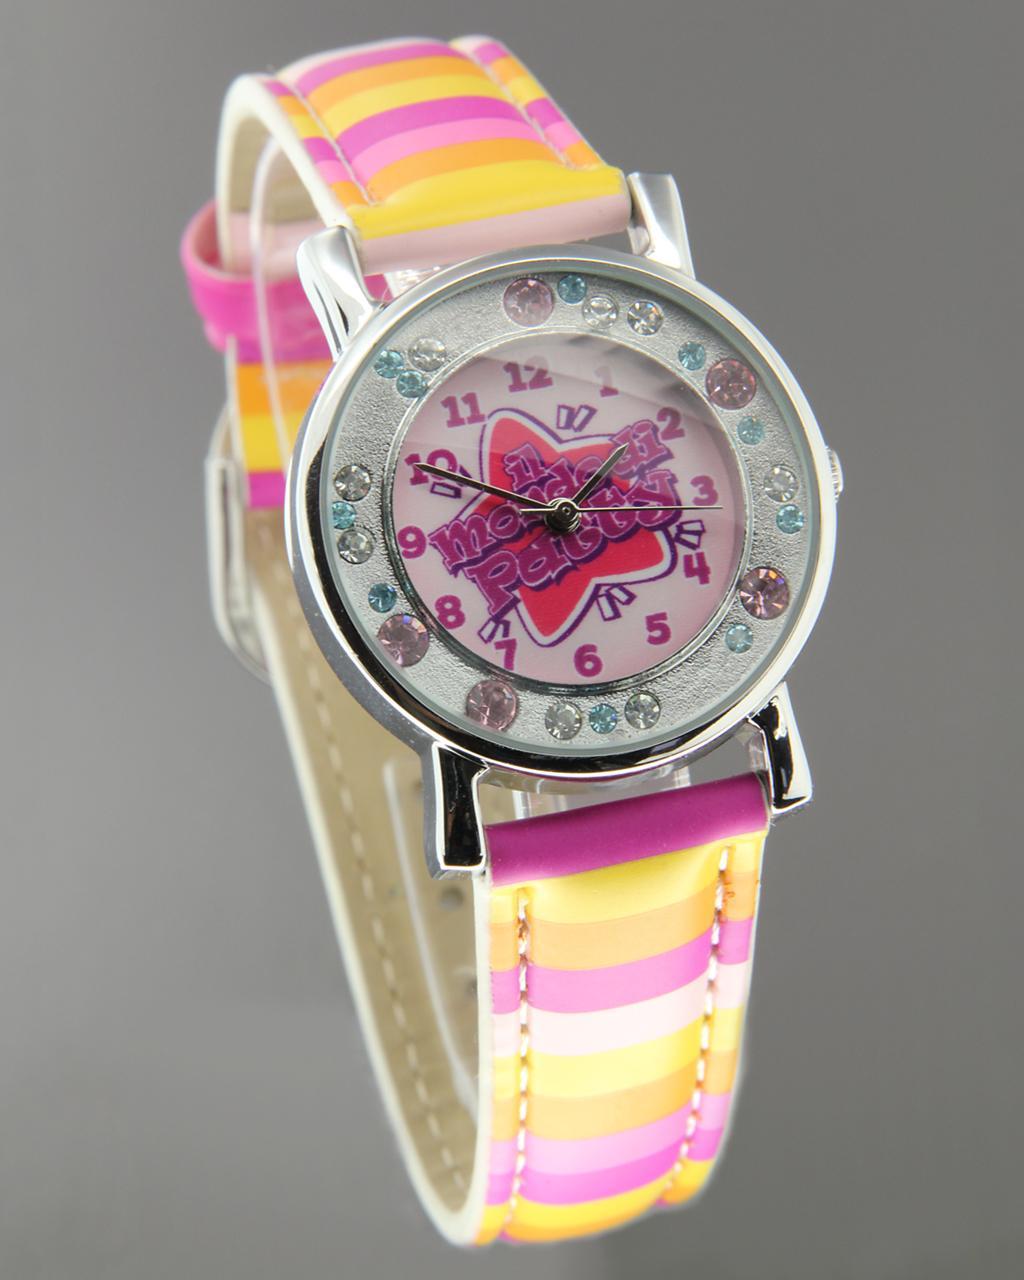 Ρολόι PATTY PY0009   παιδι παιδικά ρολόγια